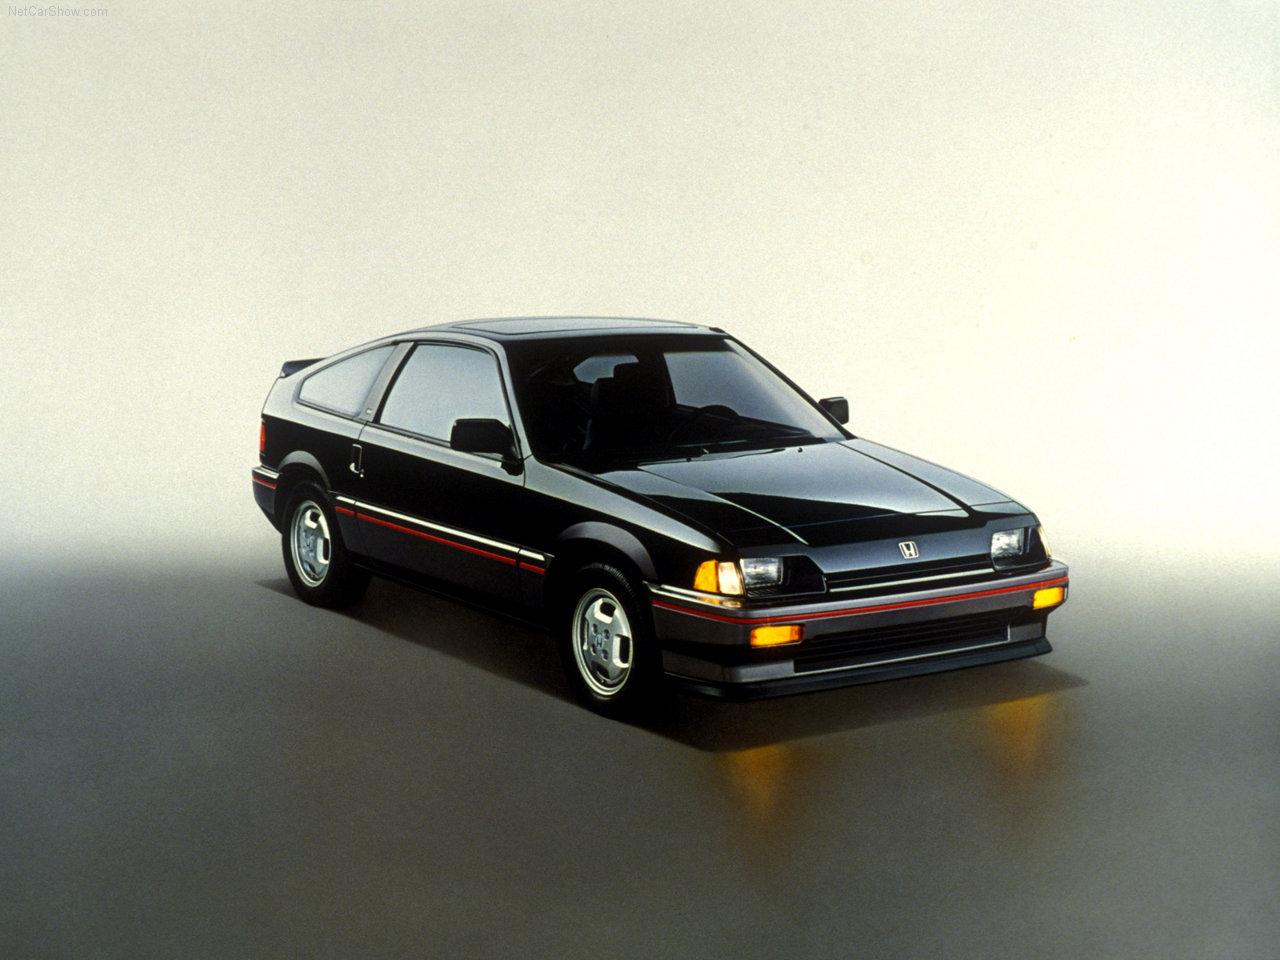 Honda CRX первого поколения